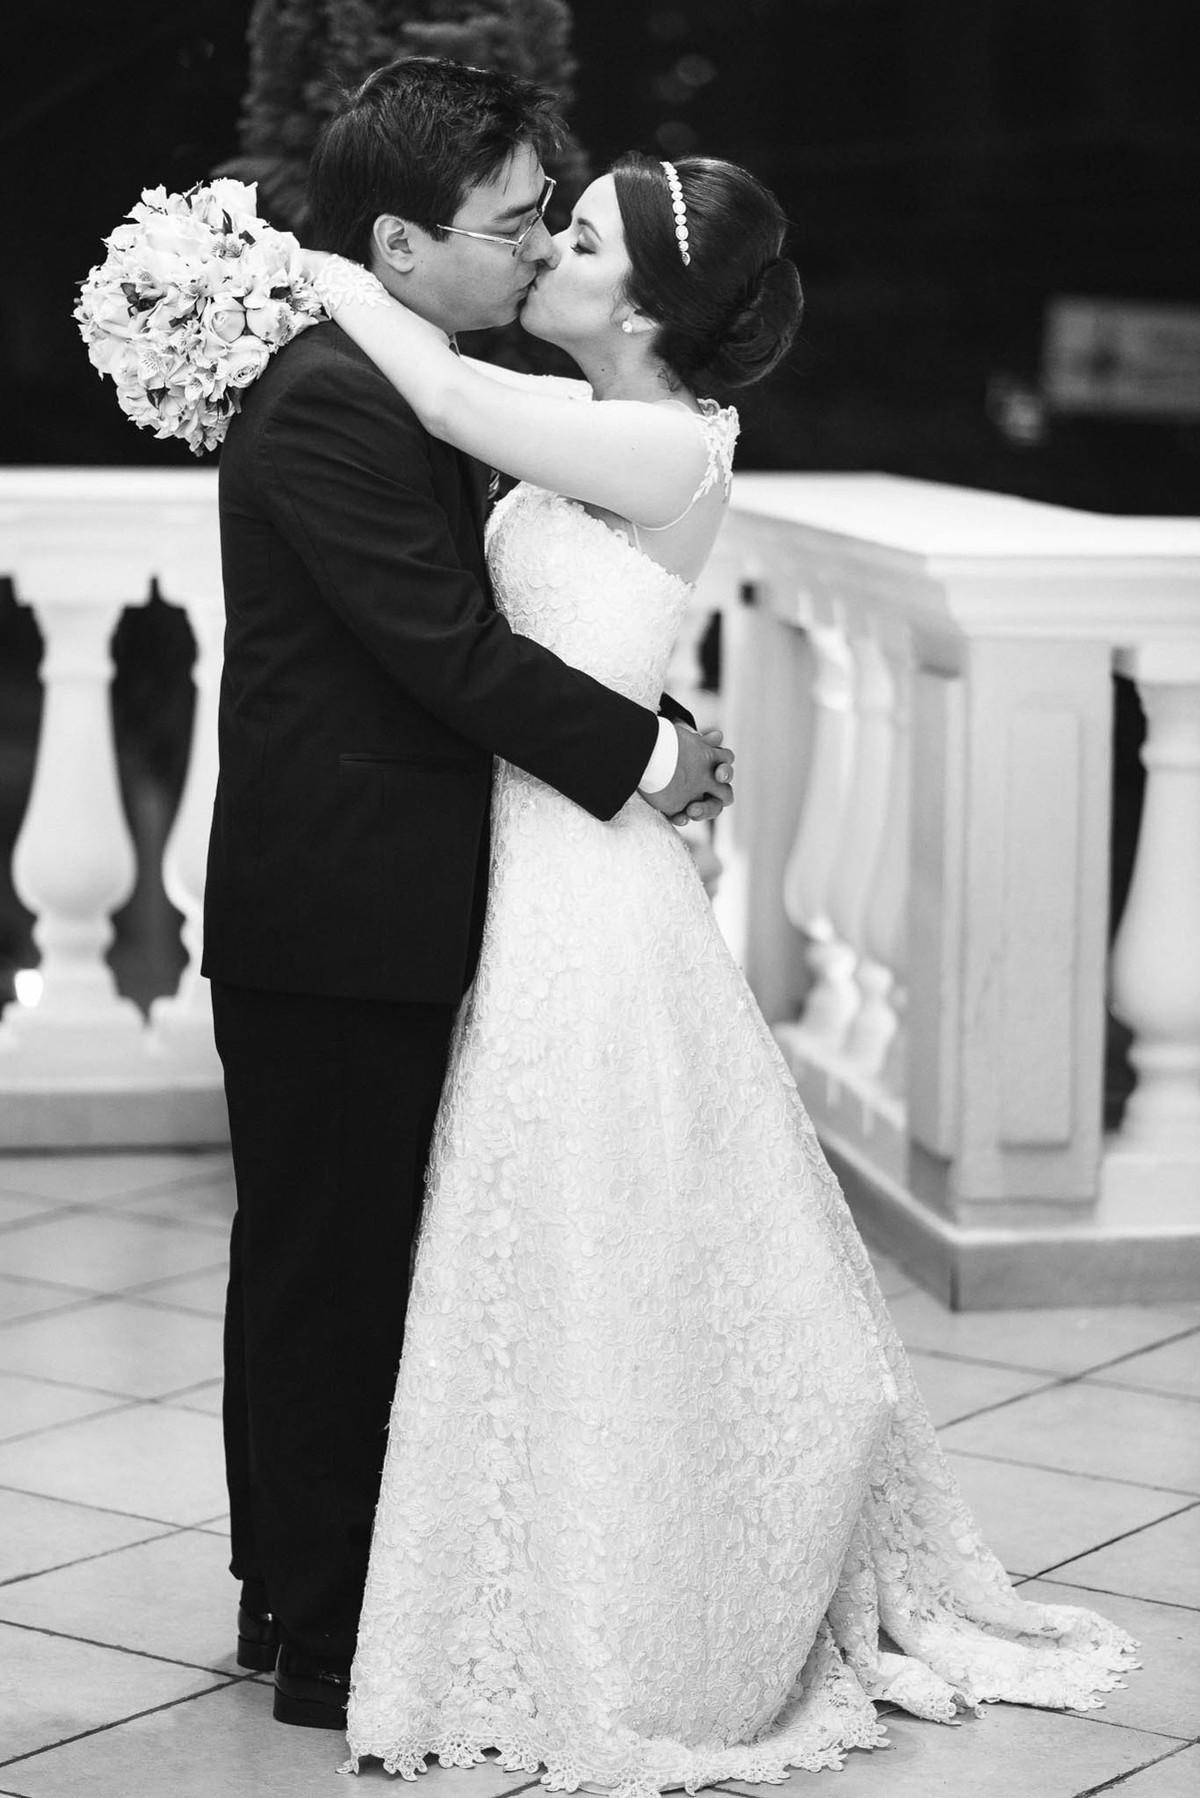 fotografia casamento espaço nobre são paulo casal noivos beijo vestido de noiva oriental wewfotografia